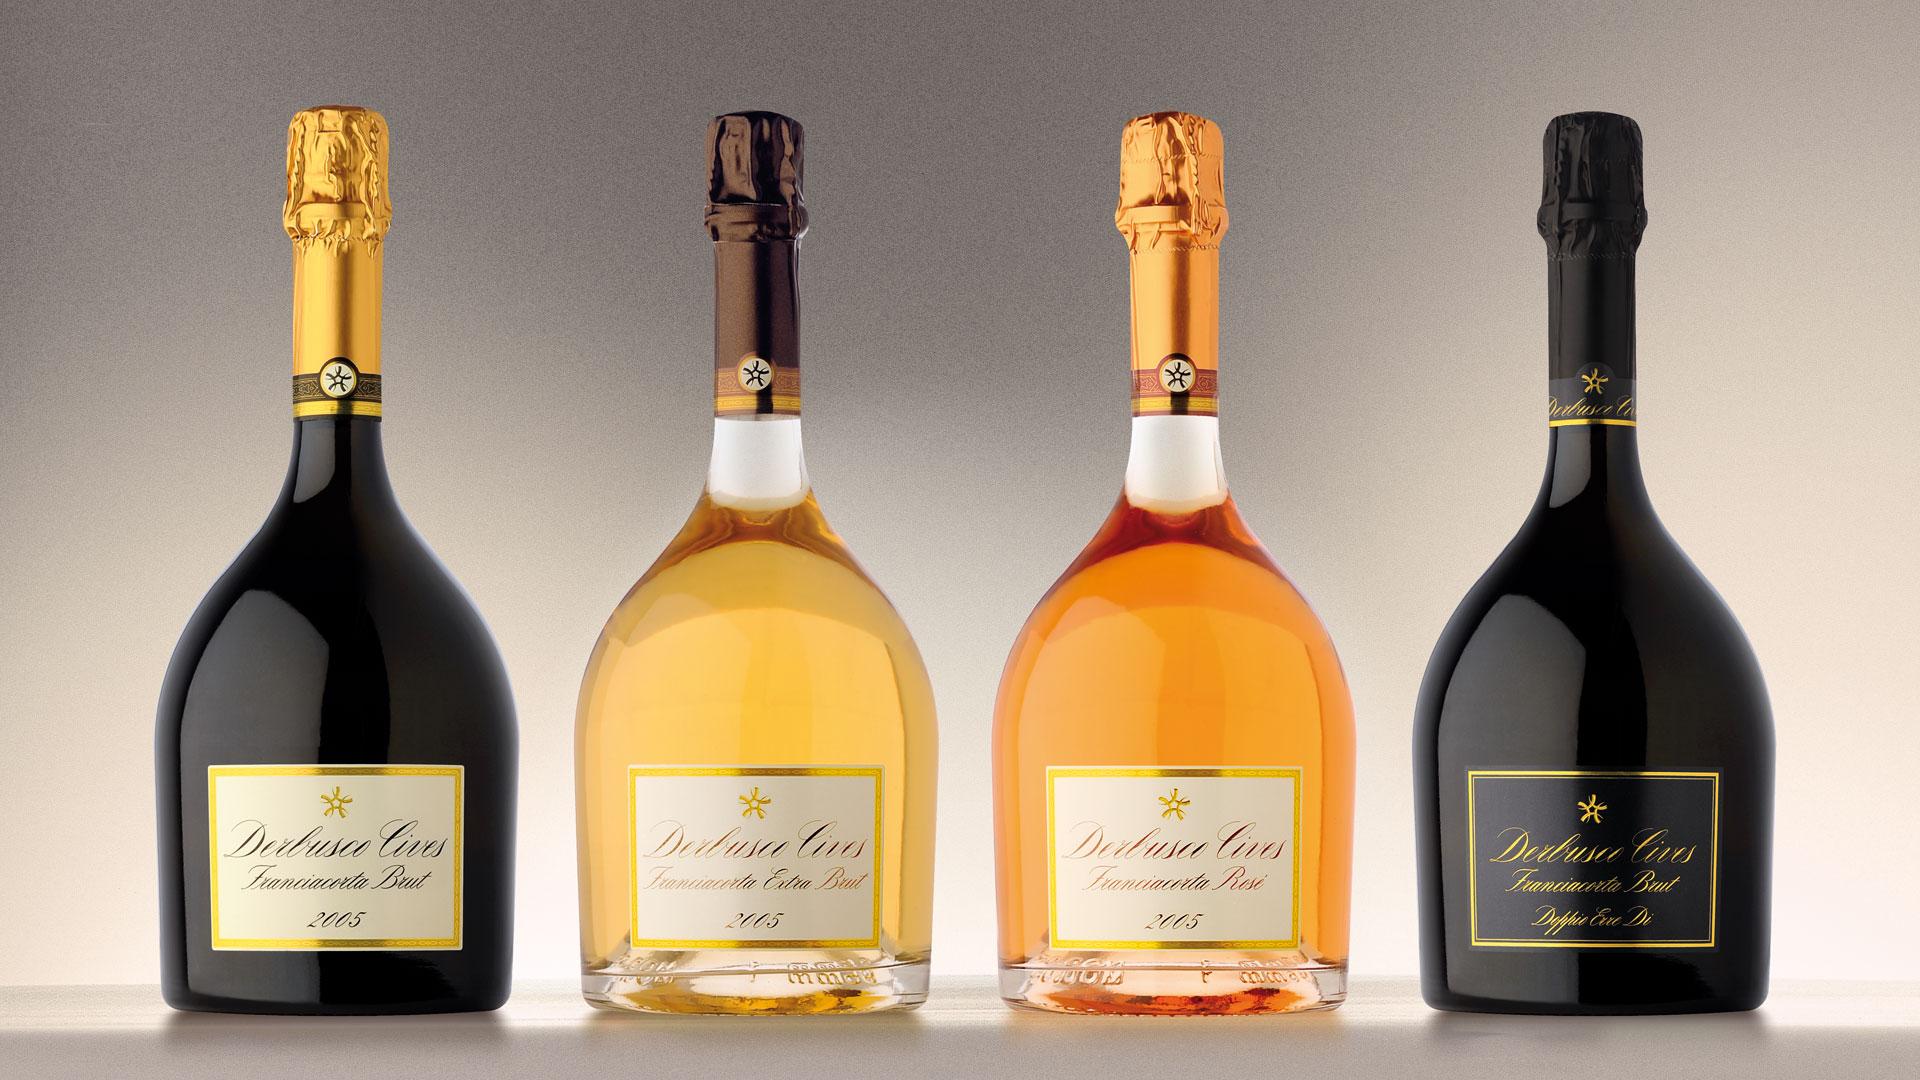 Derbusco Cives bottle design